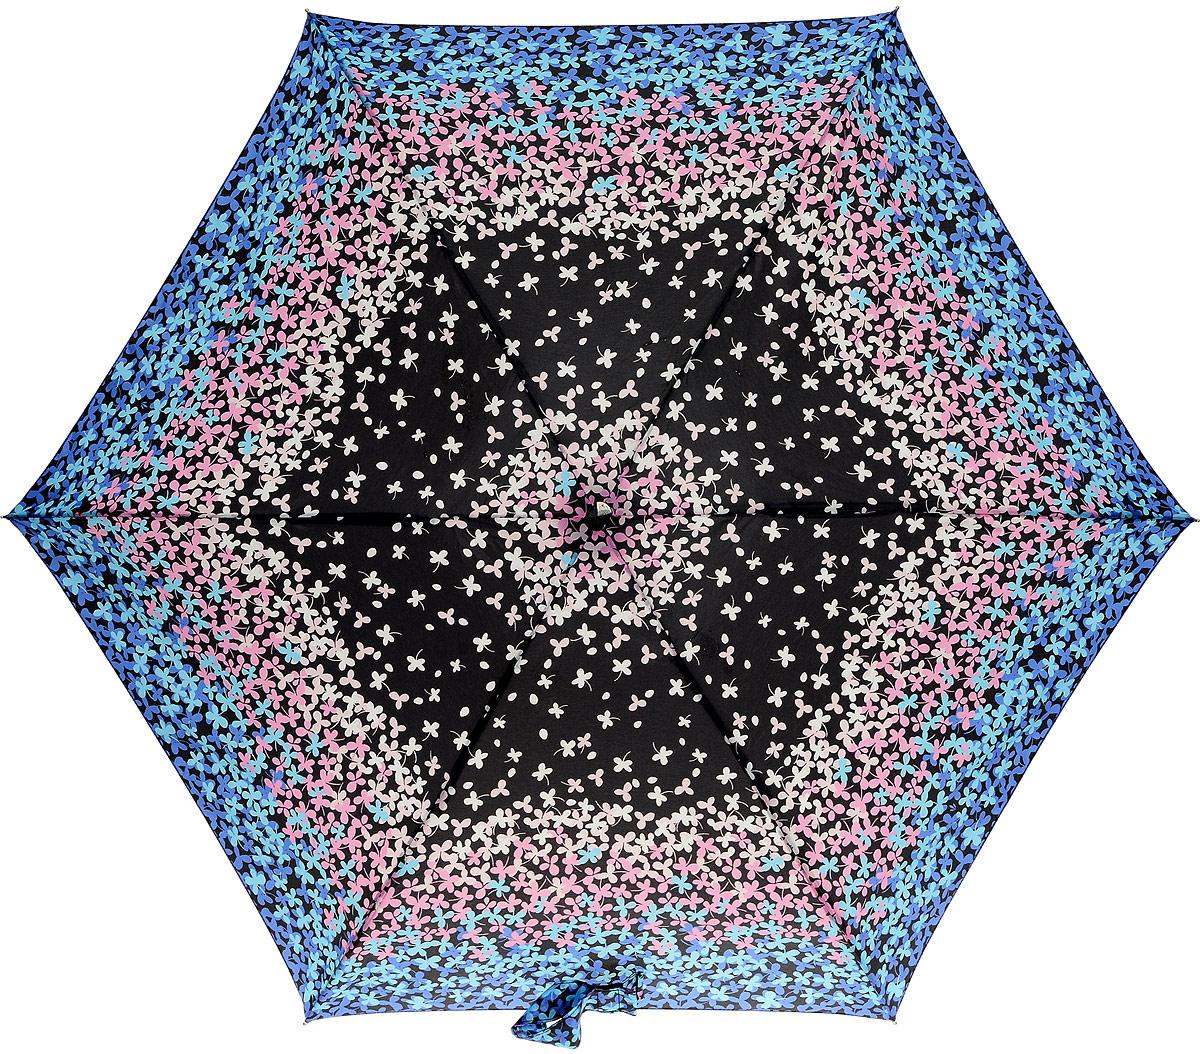 Зонт женский Fulton, механический, 5 сложений, цвет: мультиколор. L501-3367Колье (короткие одноярусные бусы)Стильный механический зонт Fulton имеет 5 сложений, даже в ненастную погоду позволит вам оставаться стильной. Легкий, но в тоже время прочный алюминиевый каркас состоит из шести спиц с элементами из фибергласса. Купол зонта выполнен из прочного полиэстера с водоотталкивающей пропиткой. Рукоятка закругленной формы, разработанная с учетом требований эргономики, выполнена из каучука. Зонт имеет механический способ сложения: и купол, и стержень открываются и закрываются вручную до характерного щелчка.